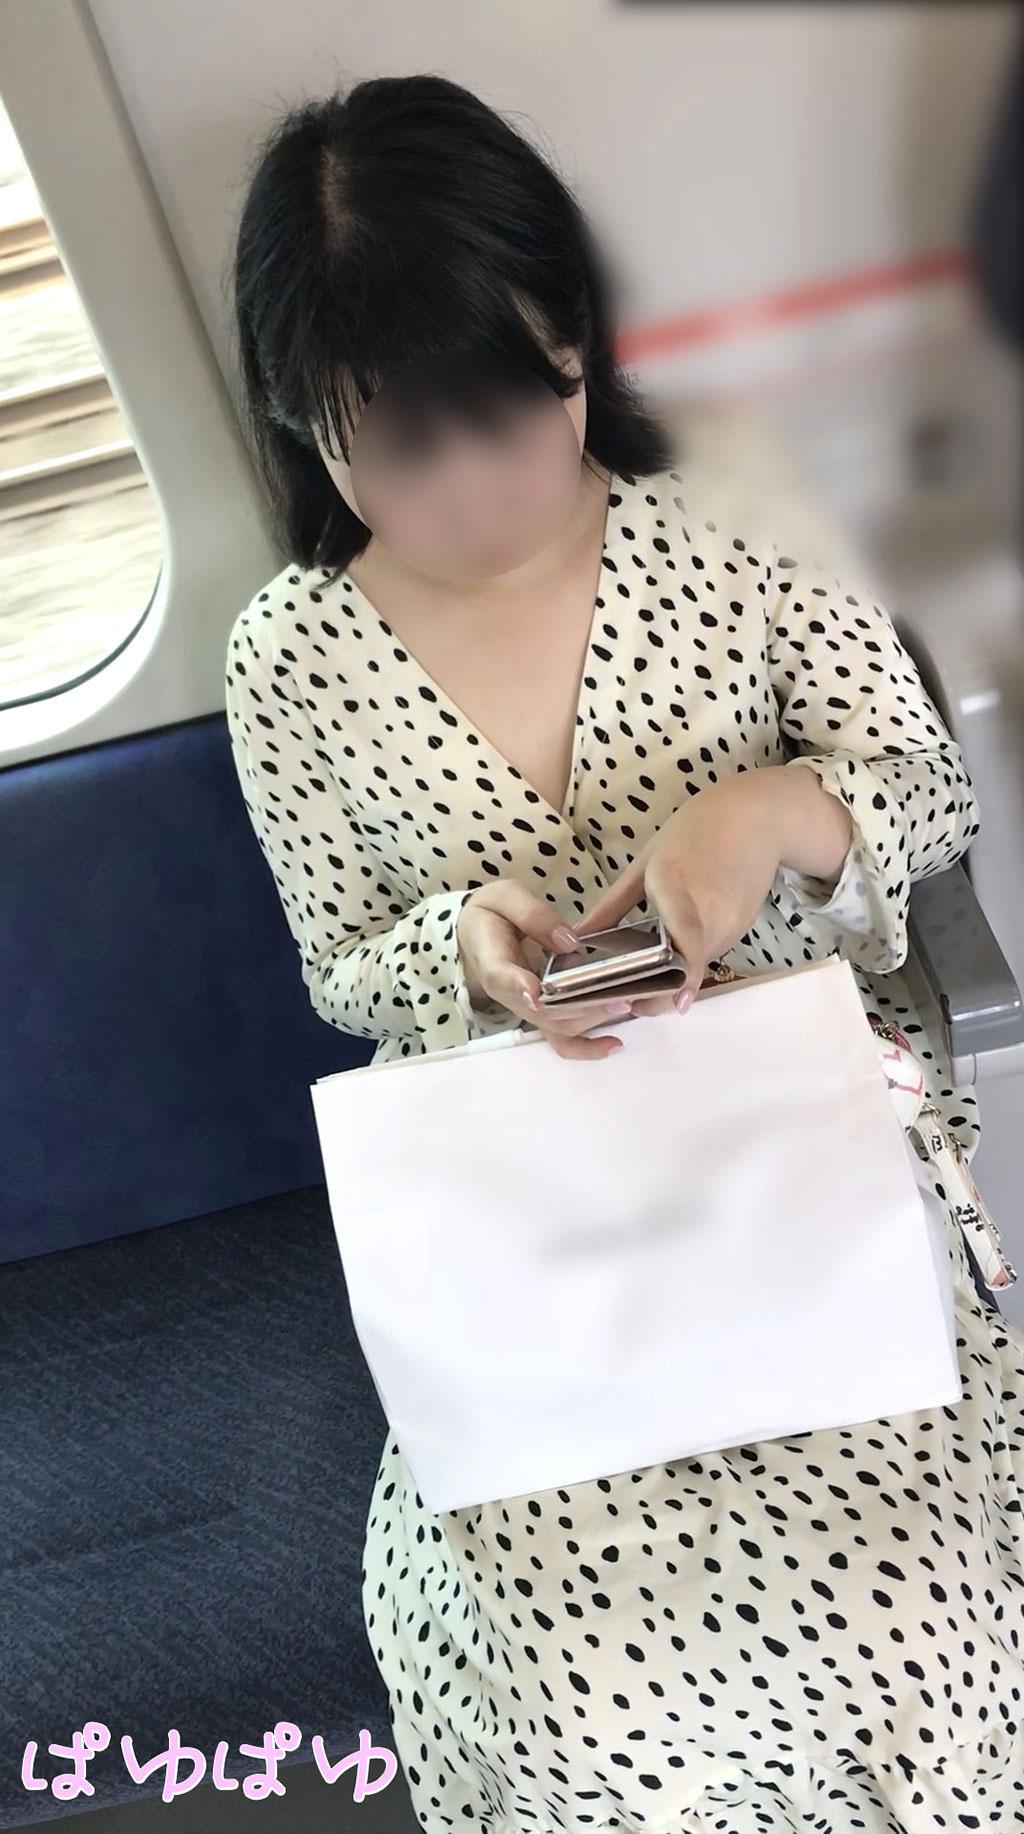 [ぱゆぱゆ][胸チラ]おっとり女子のましゅまろぷるぷるおっぱい乳首[顔有]